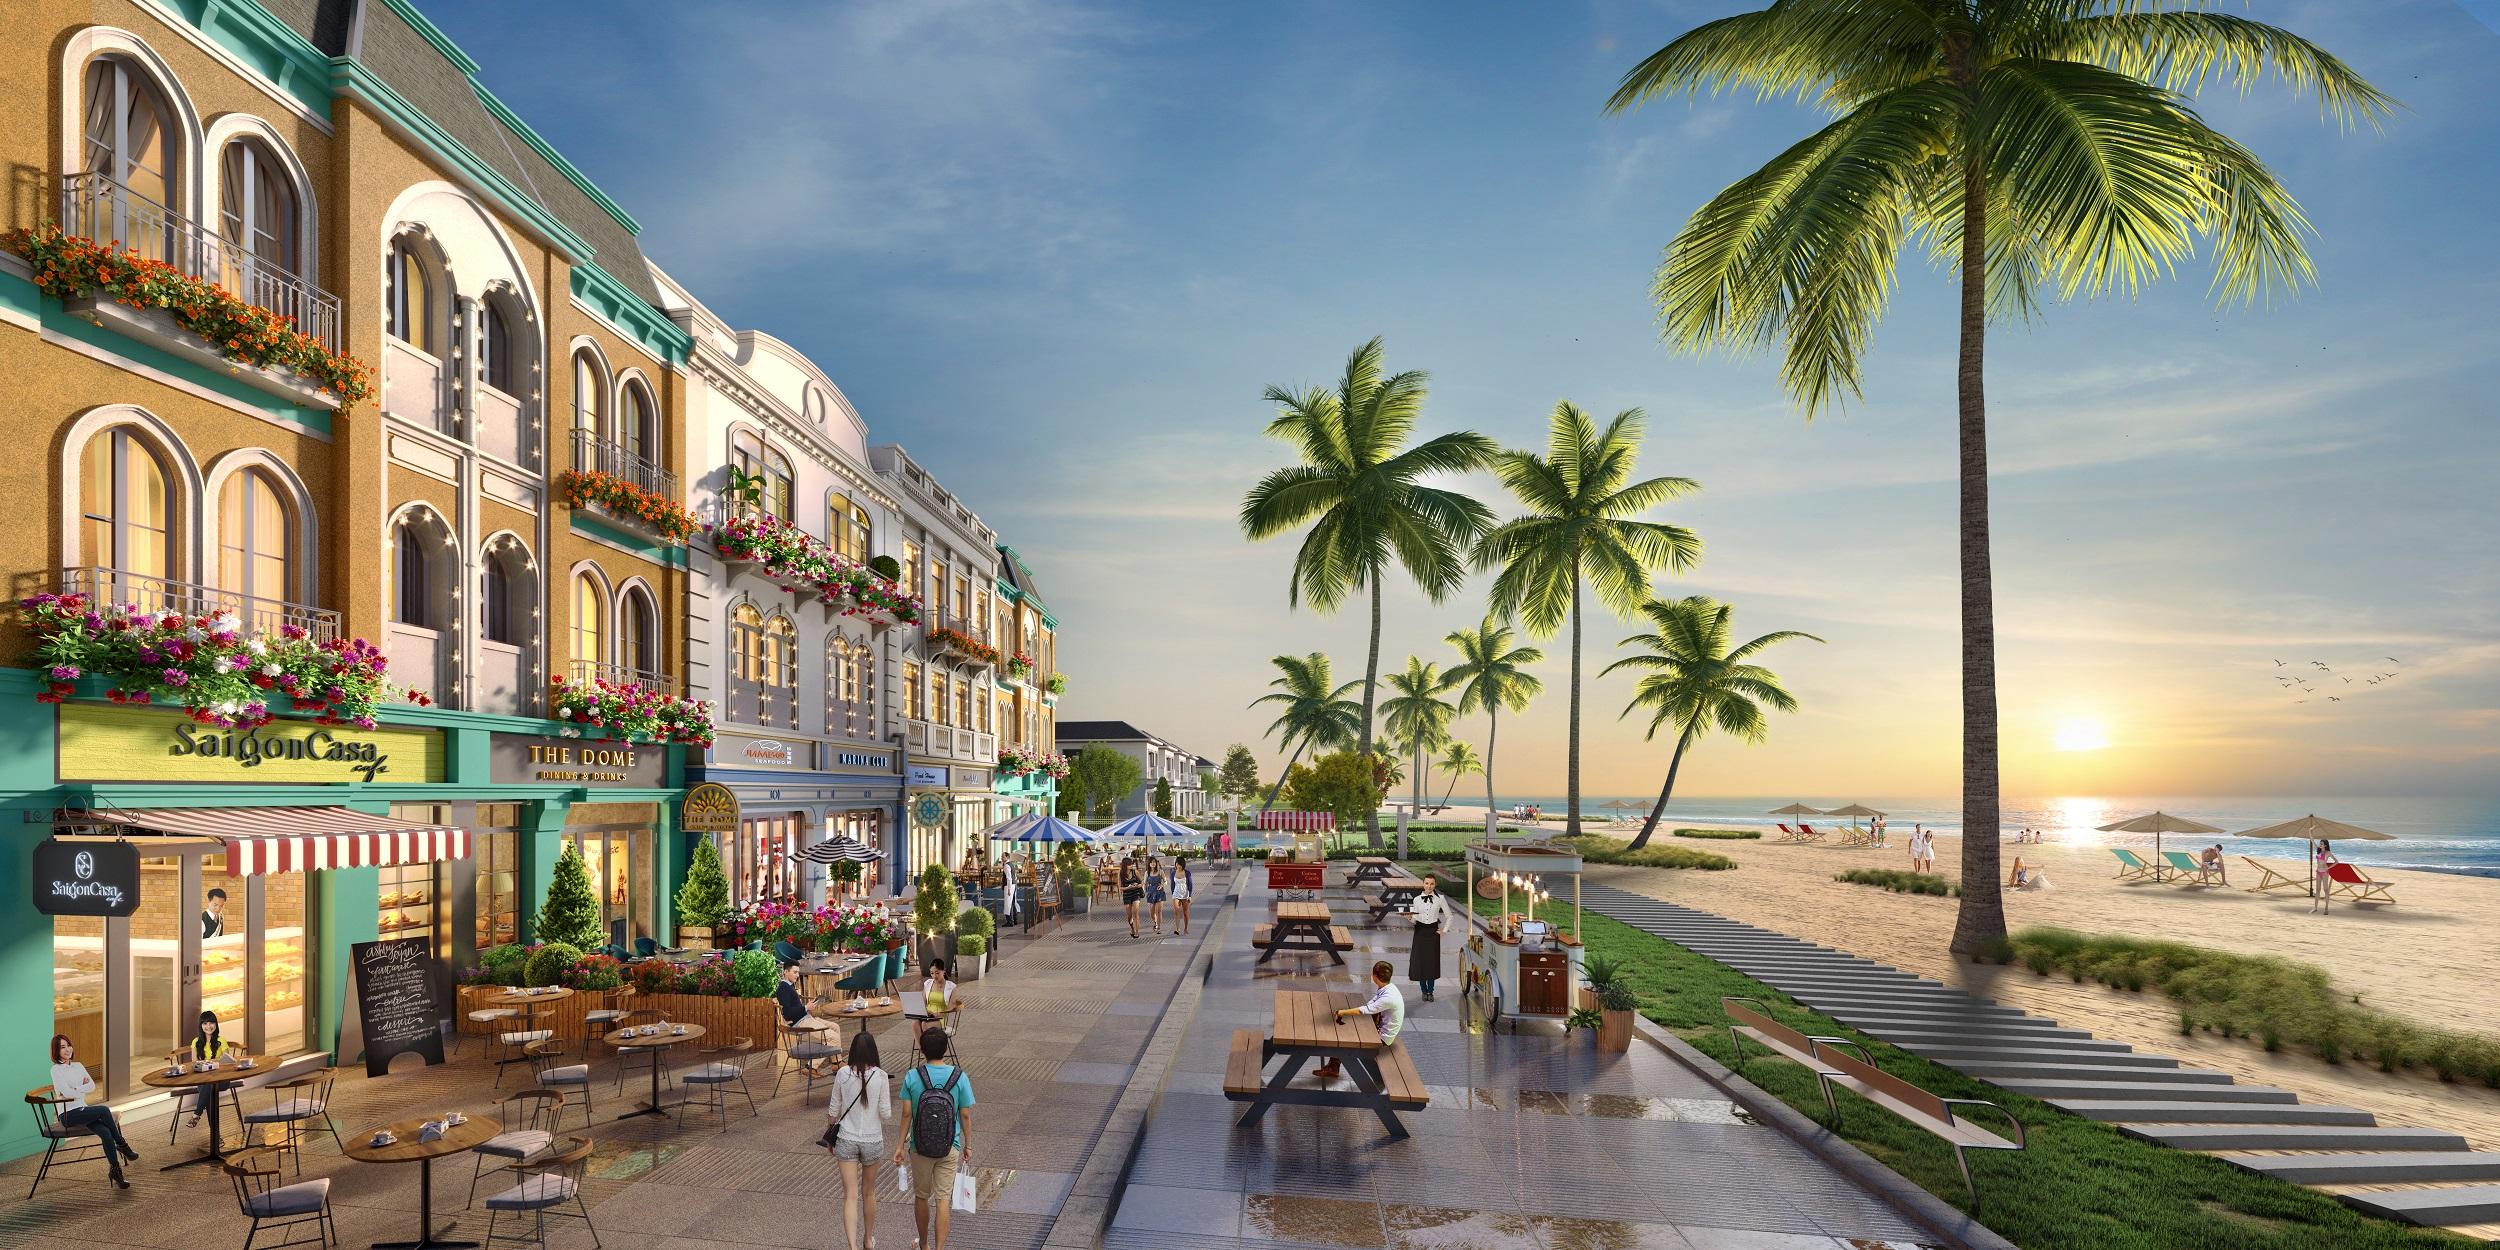 Sự xuất hiện của các đại dự án đang giúp Hồ Tràm (Bà Rịa, Vũng Tàu) trở thành điểm đến du lịch hấp dẫn